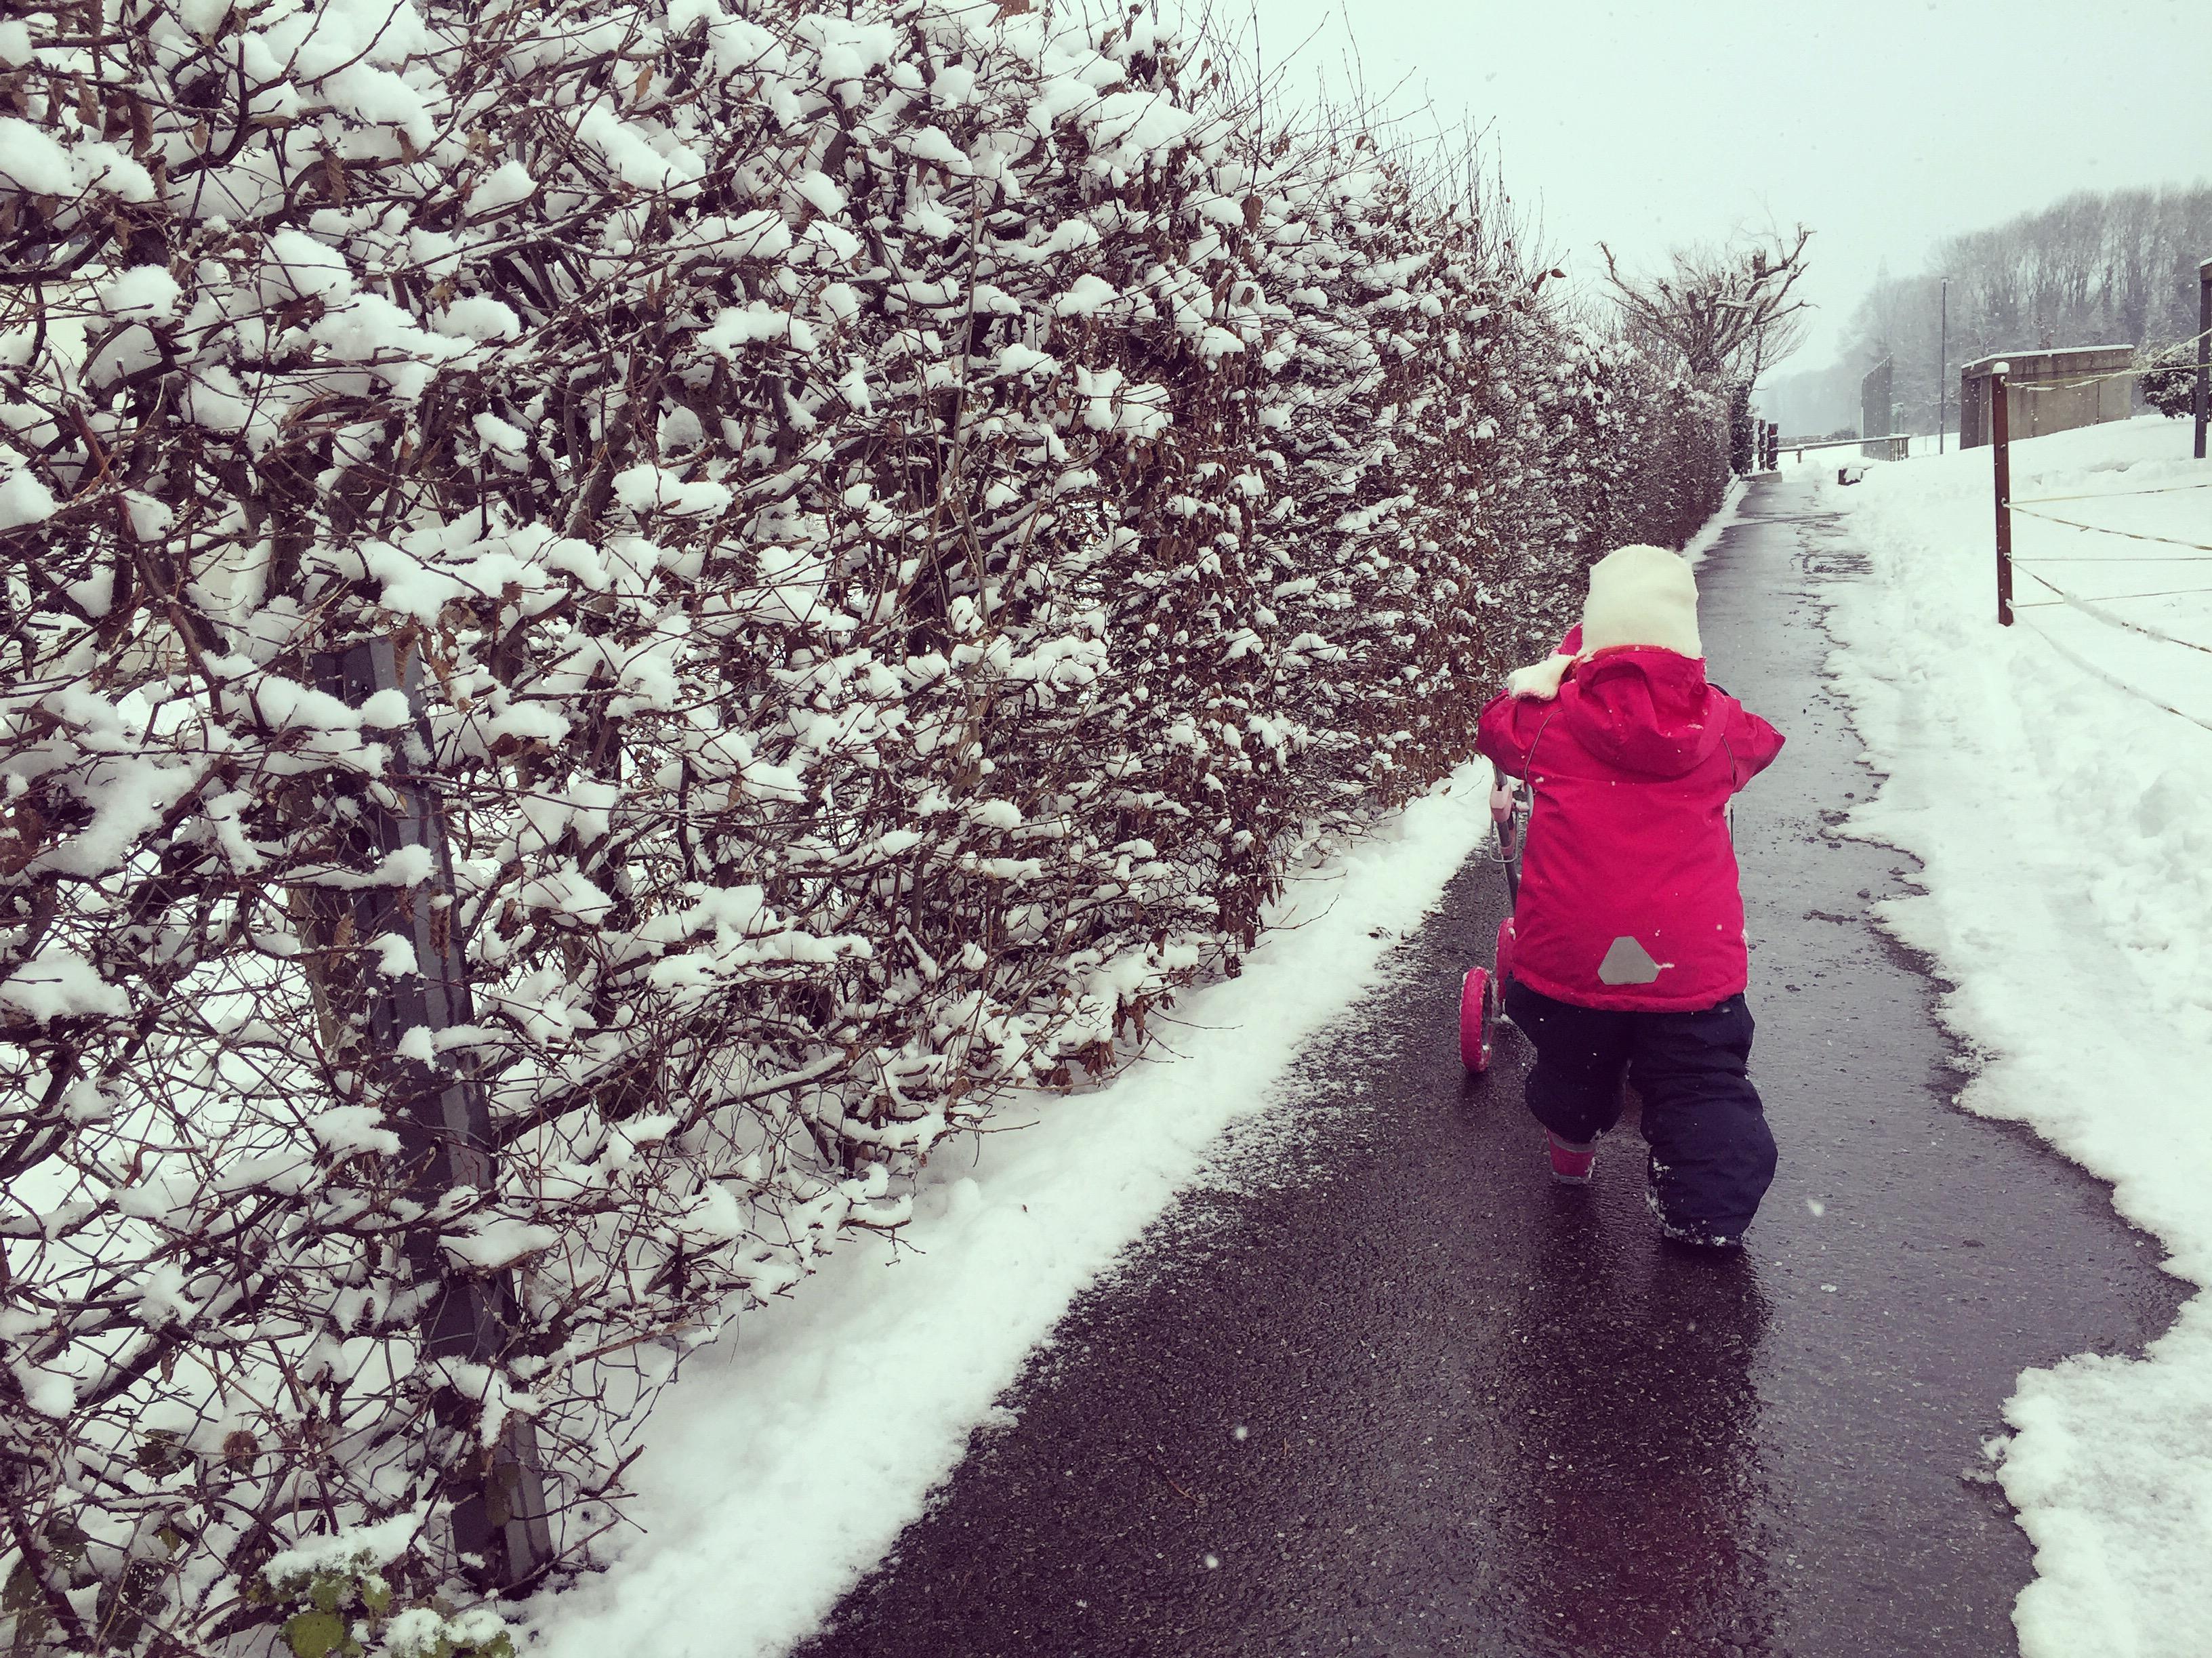 Liza speelde liever niet in de sneeuw, maar liep liever met haar kinderwagen